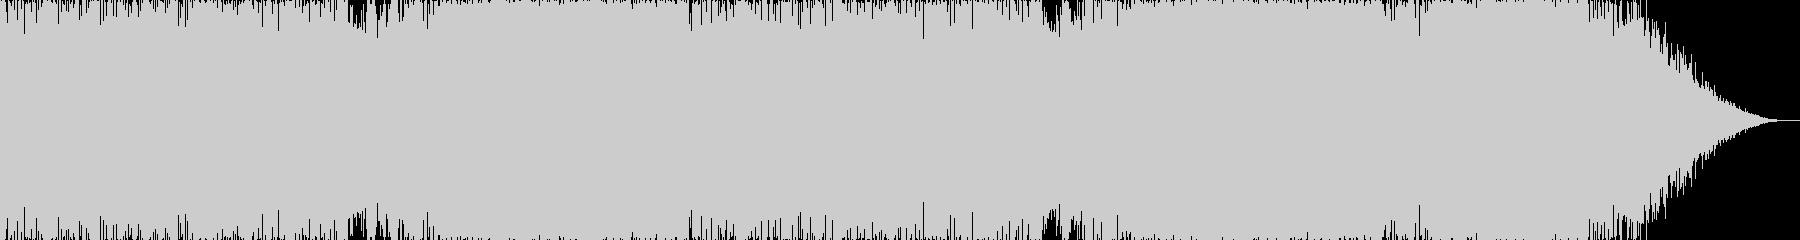 ダイナミック&アグレッションなメタルの未再生の波形